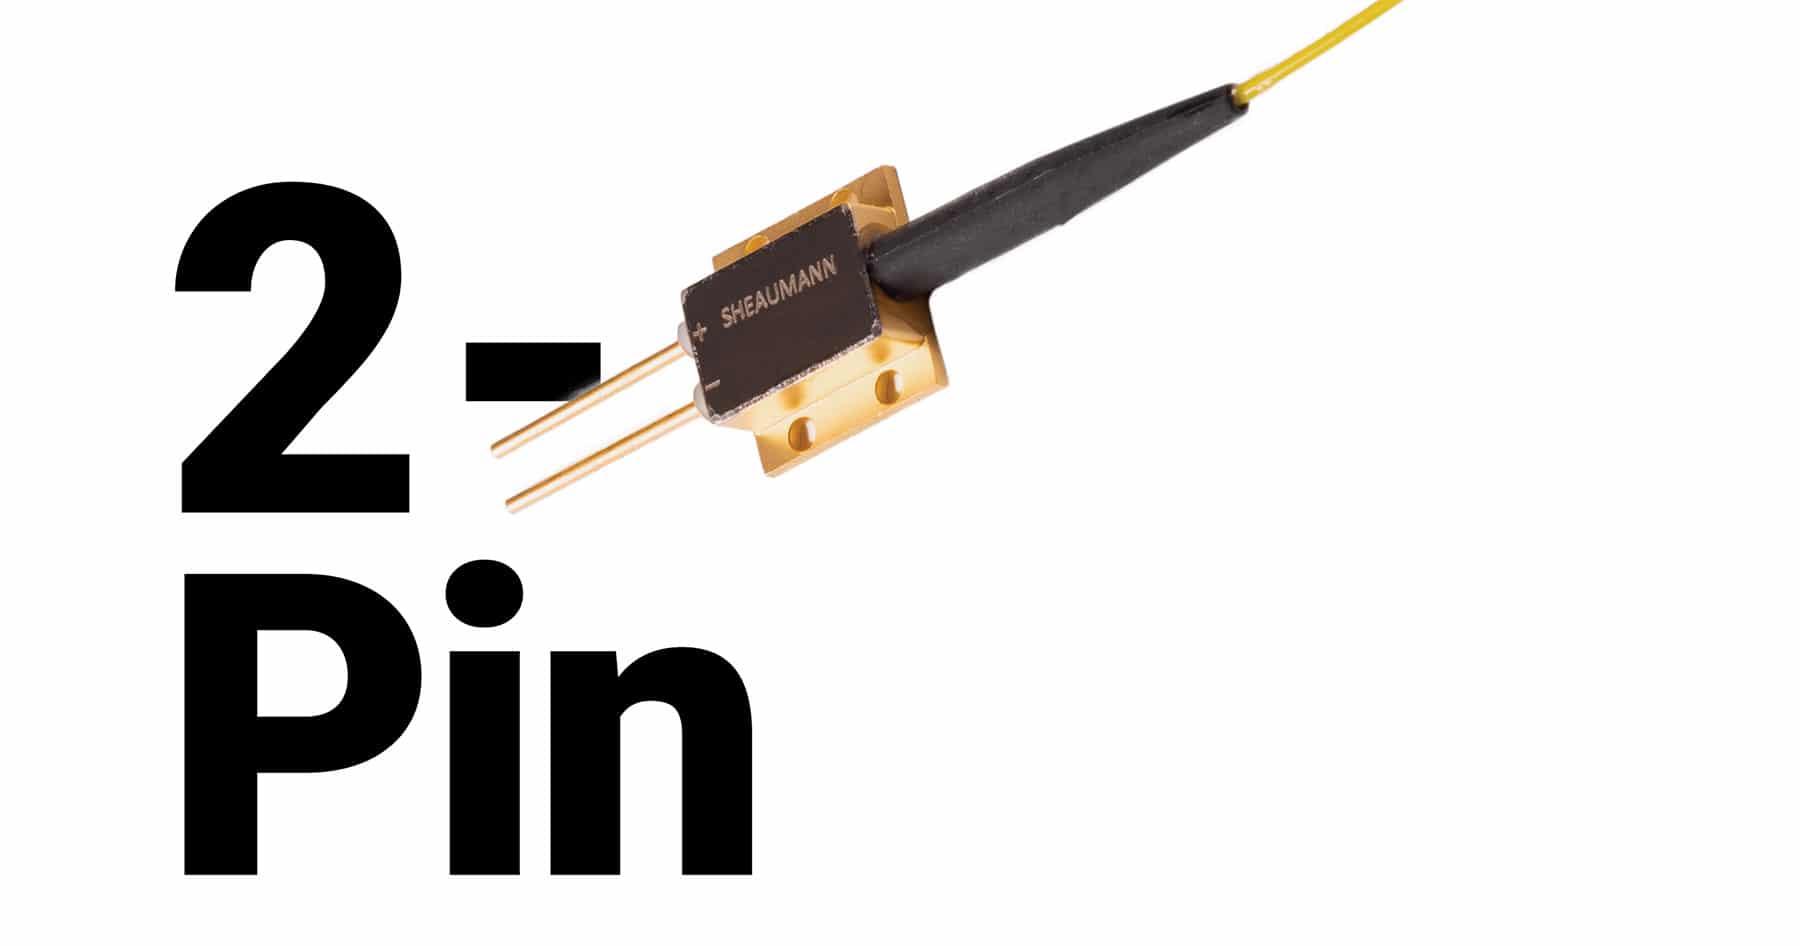 2-pin